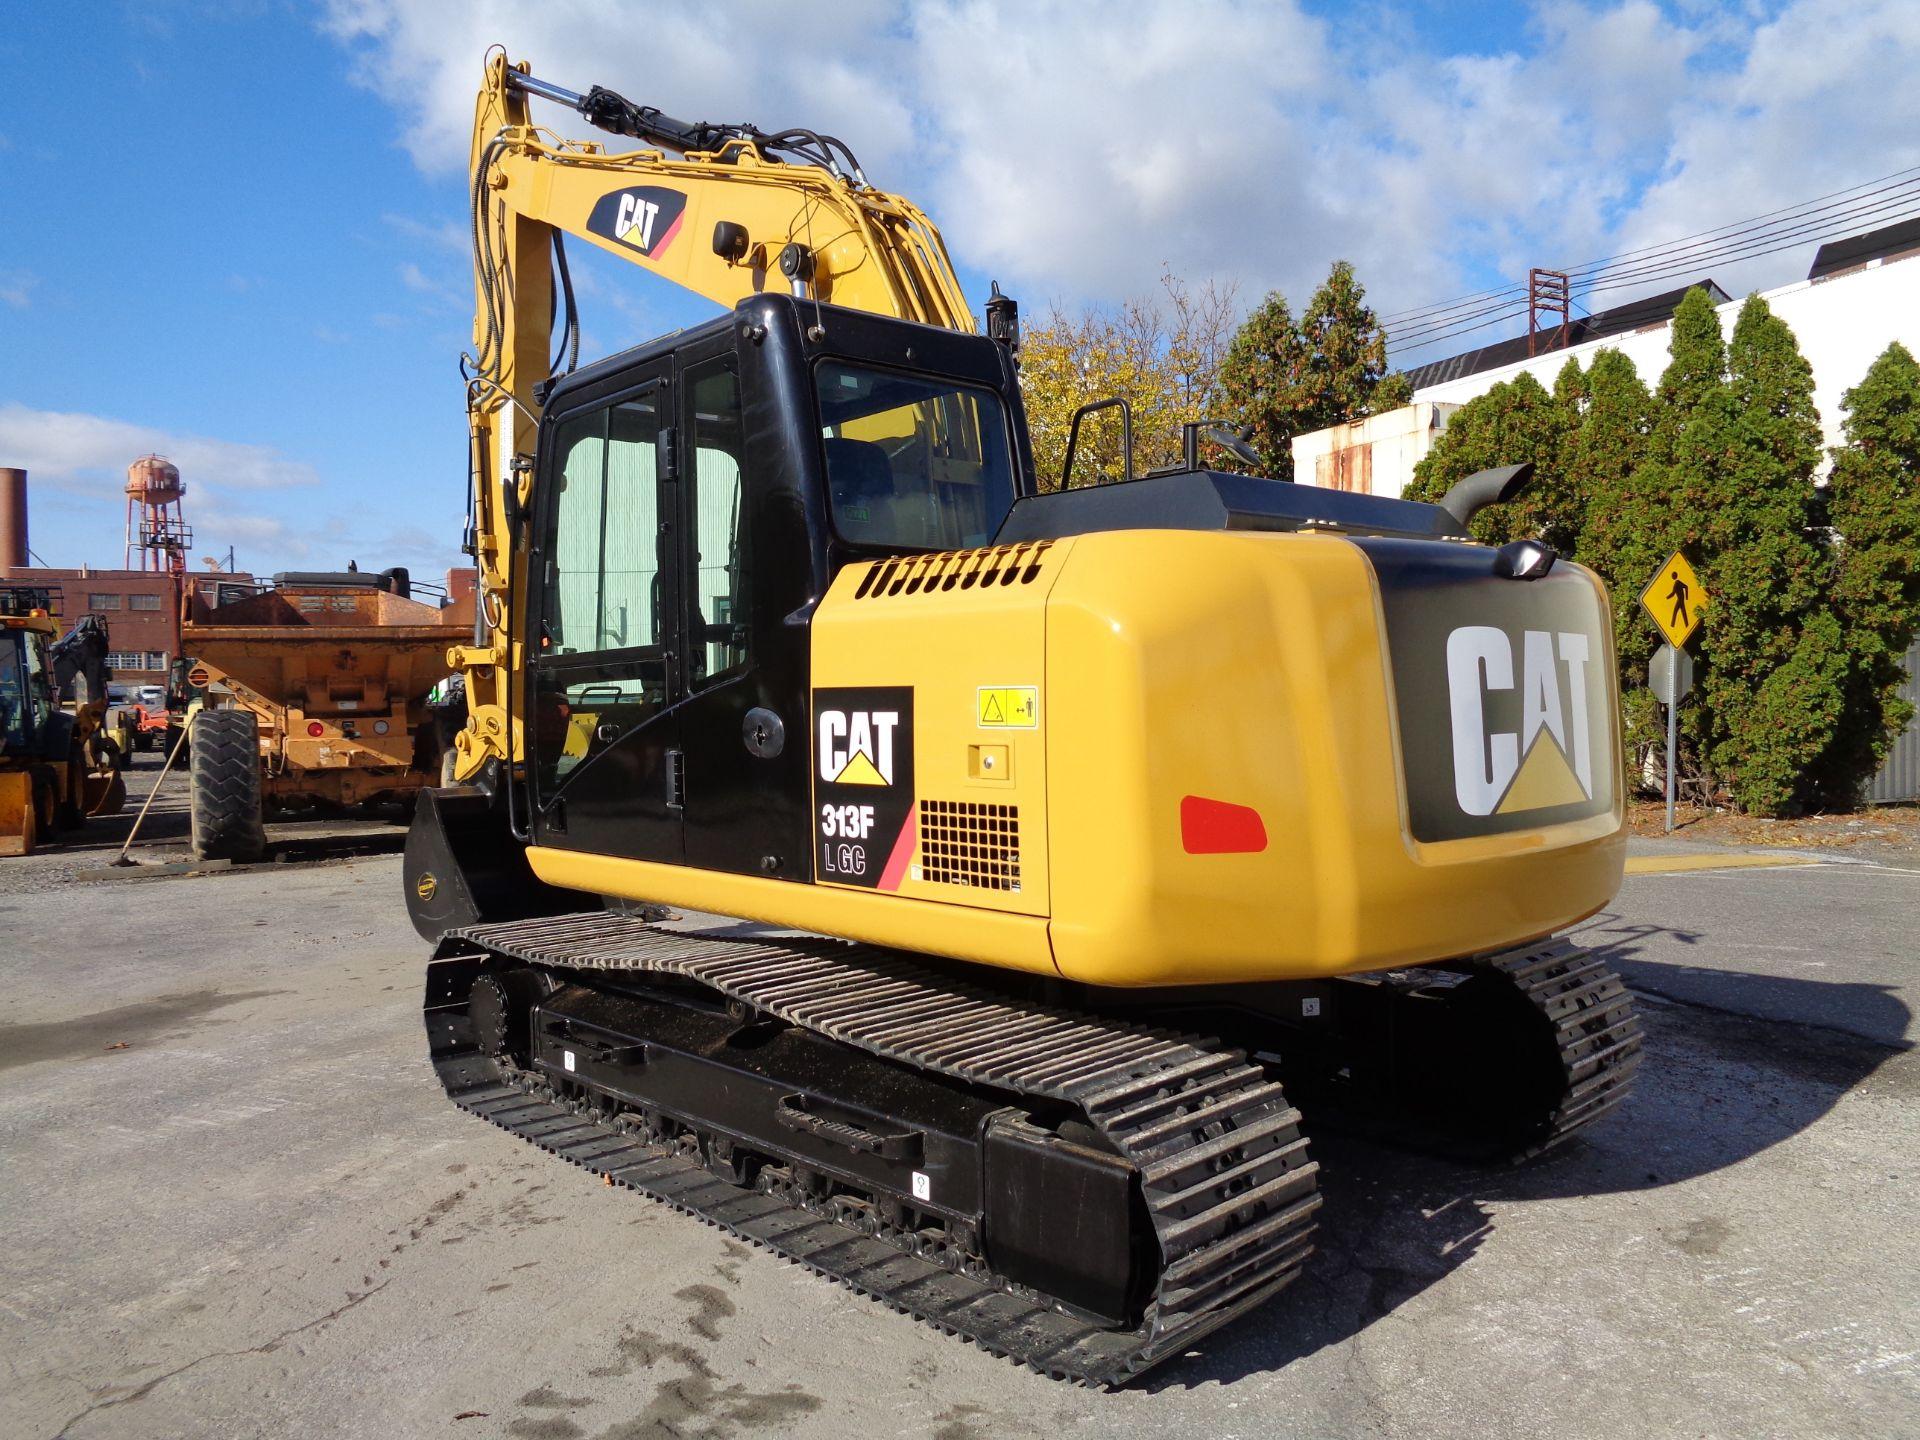 Lot 22 - 2016 Cat 313FLGC Excavator